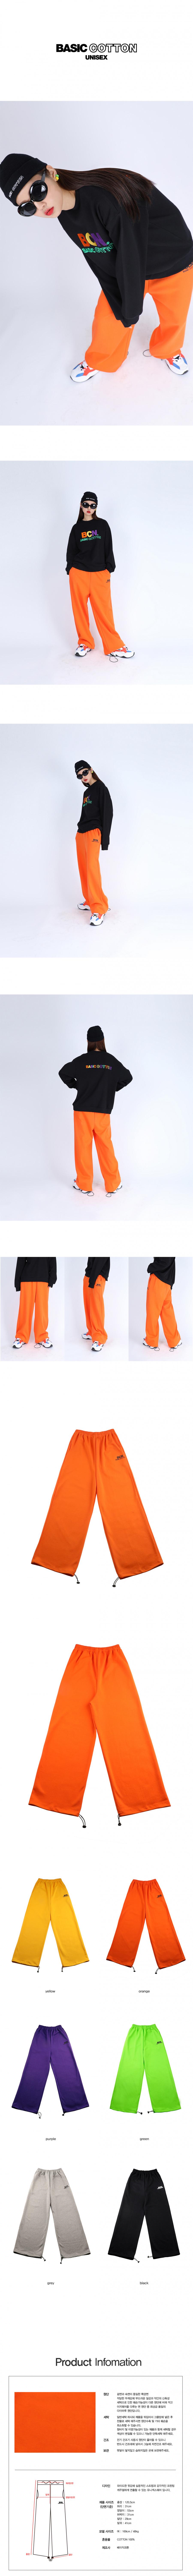 베이직코튼(BASIC COTTON) BCN 스트링 팬츠 - 오렌지